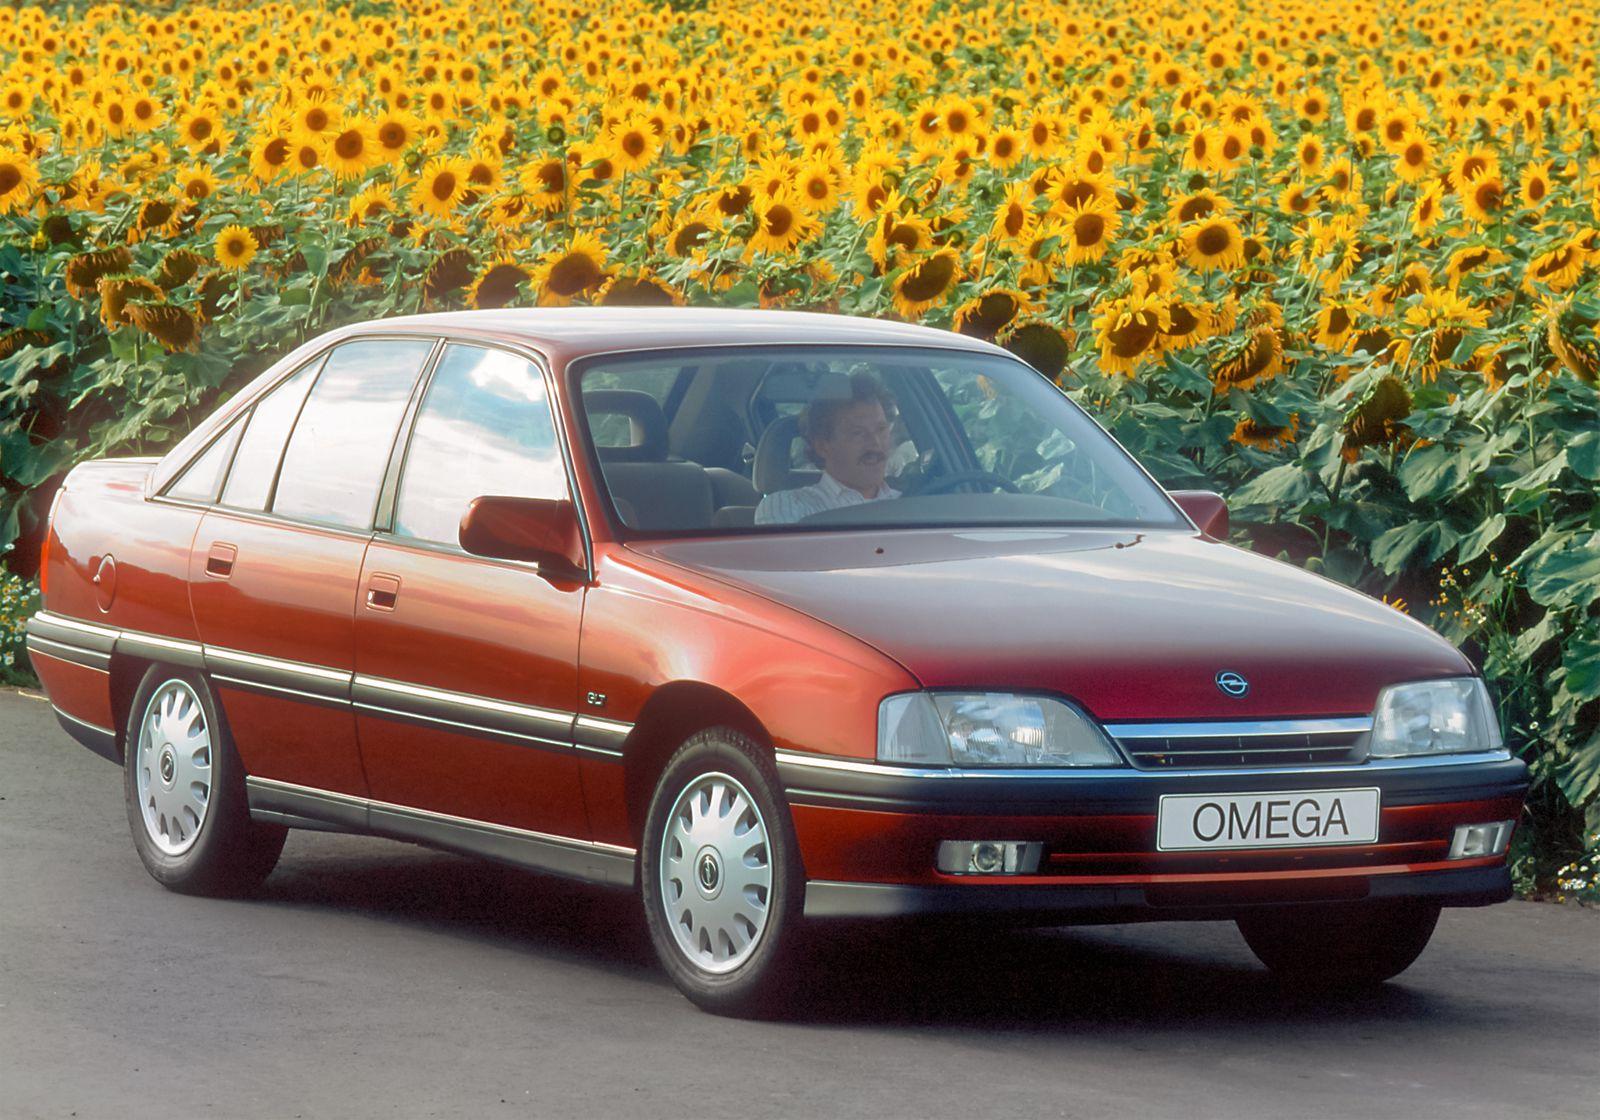 Opel Omega GLT, 1992